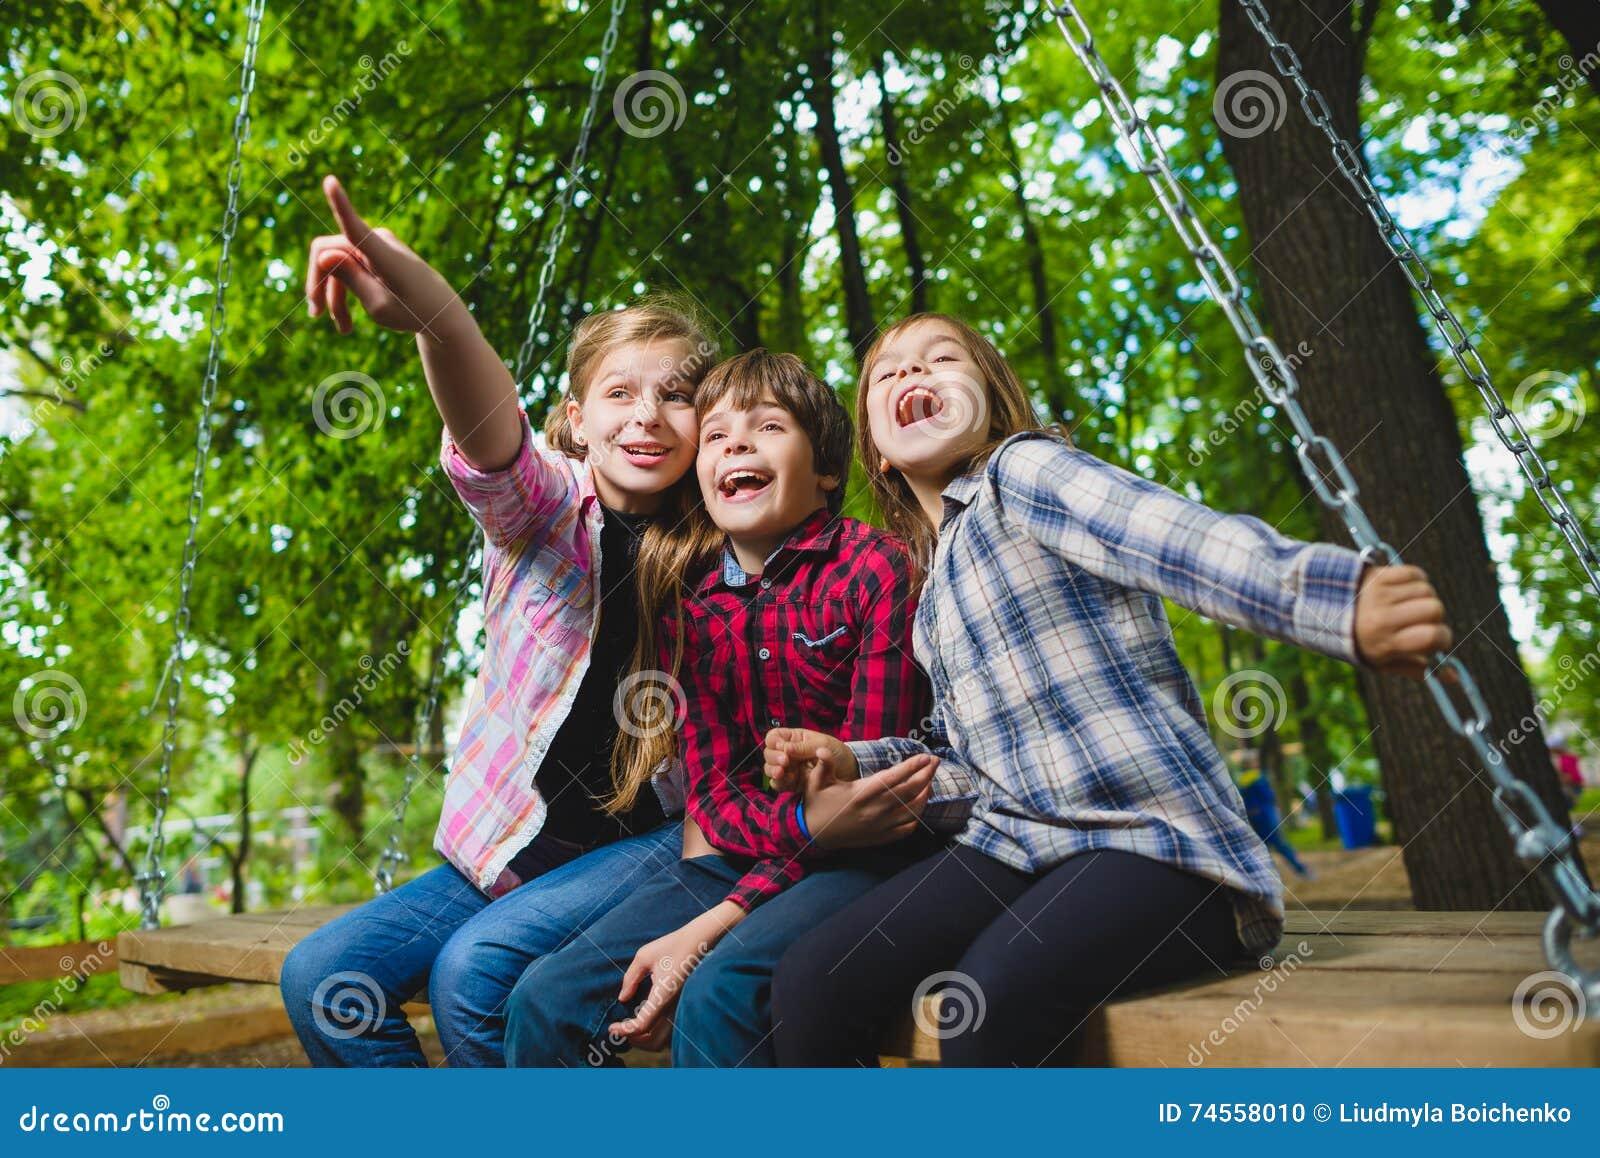 l chelnde kinder die spa am spielplatz haben kinder die drau en im sommer spielen jugendliche. Black Bedroom Furniture Sets. Home Design Ideas